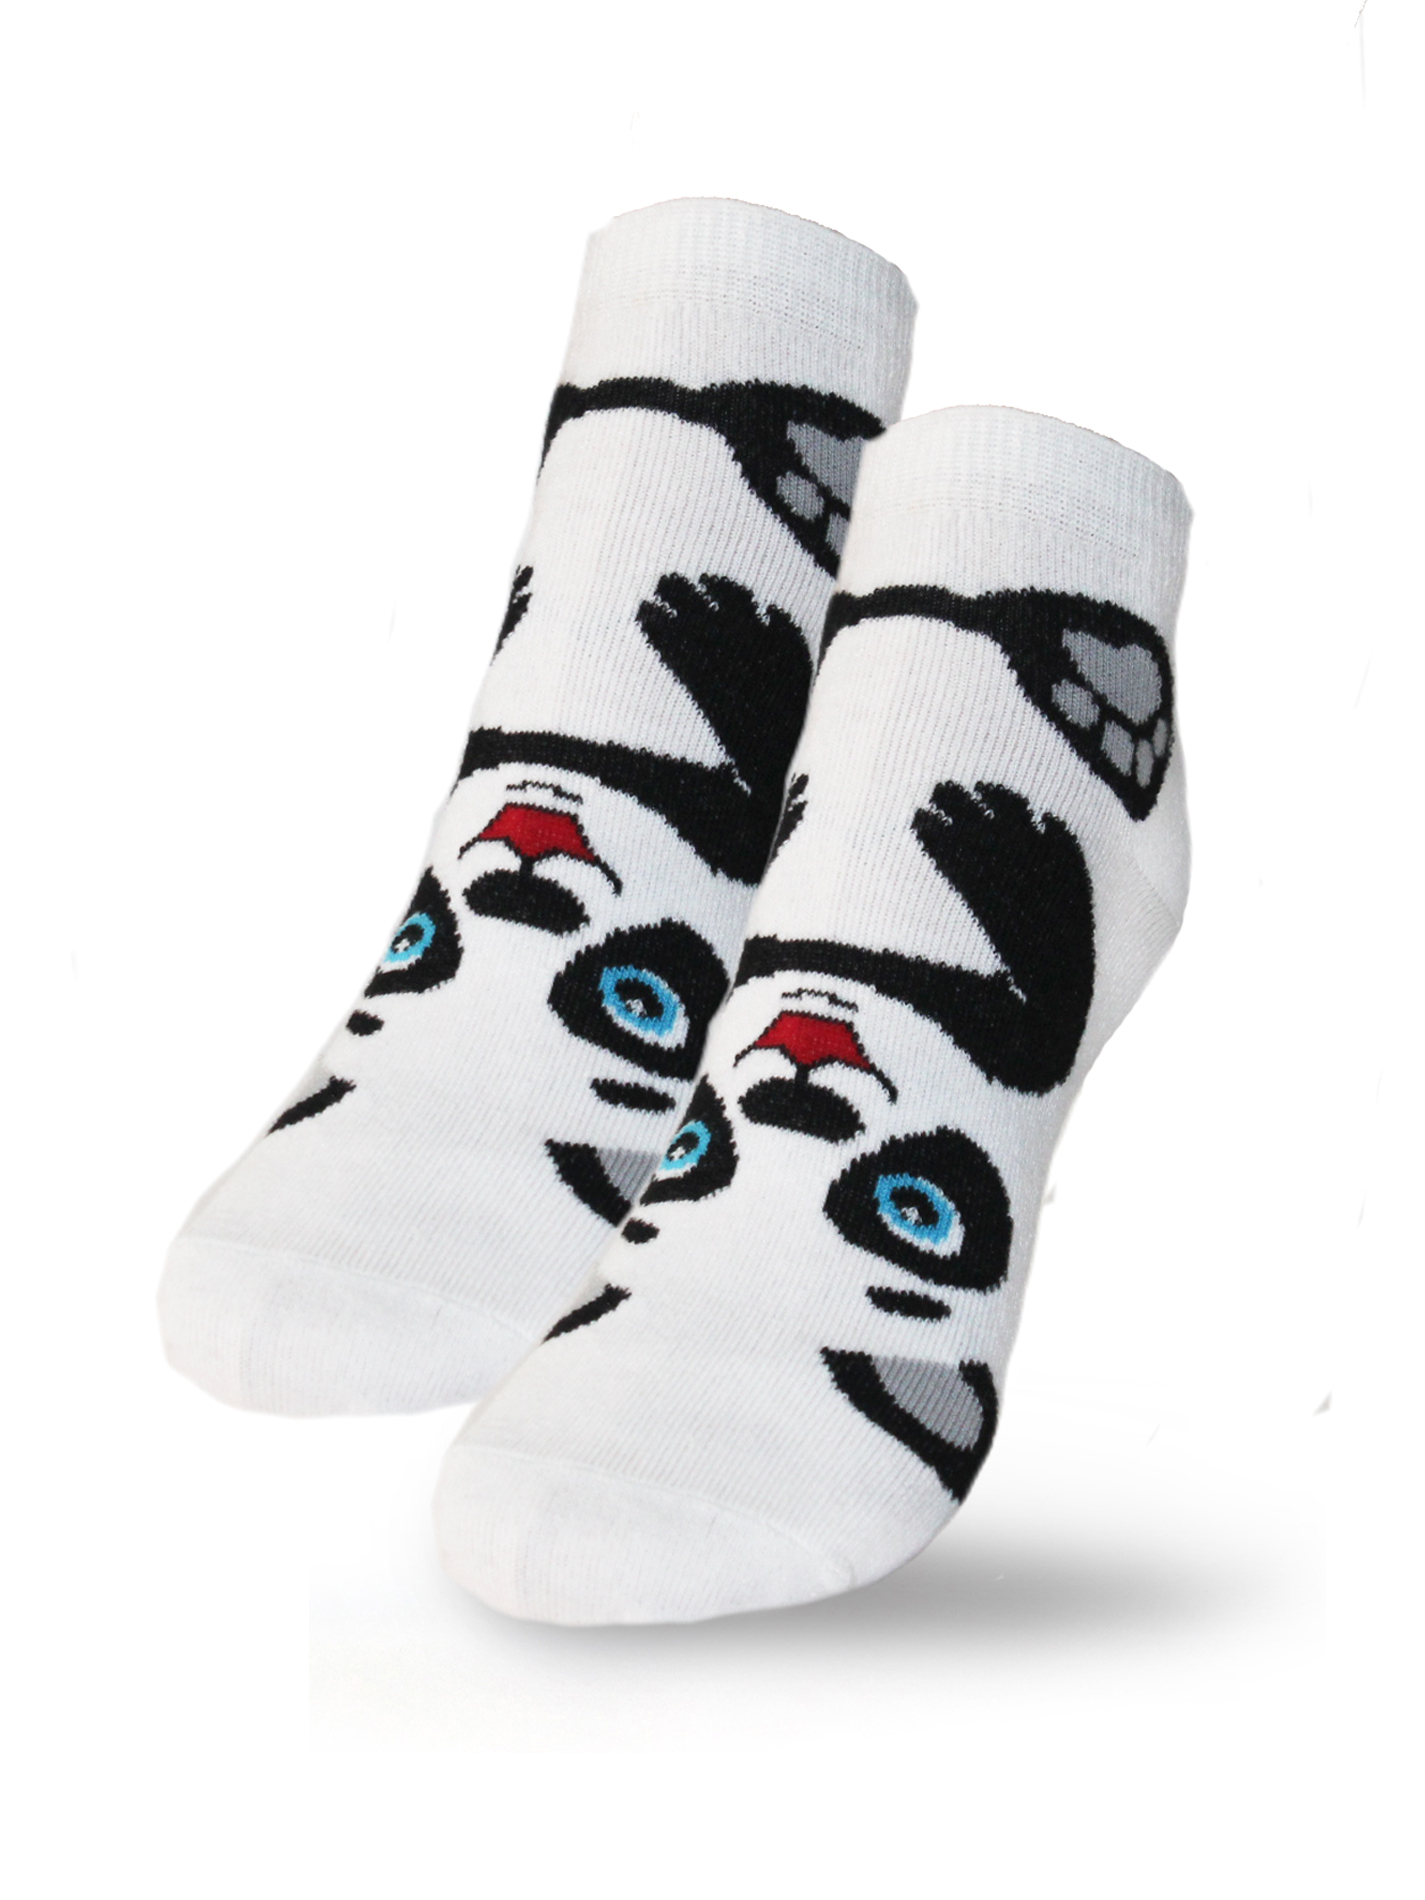 Носки Touch детские лыжные носки 100